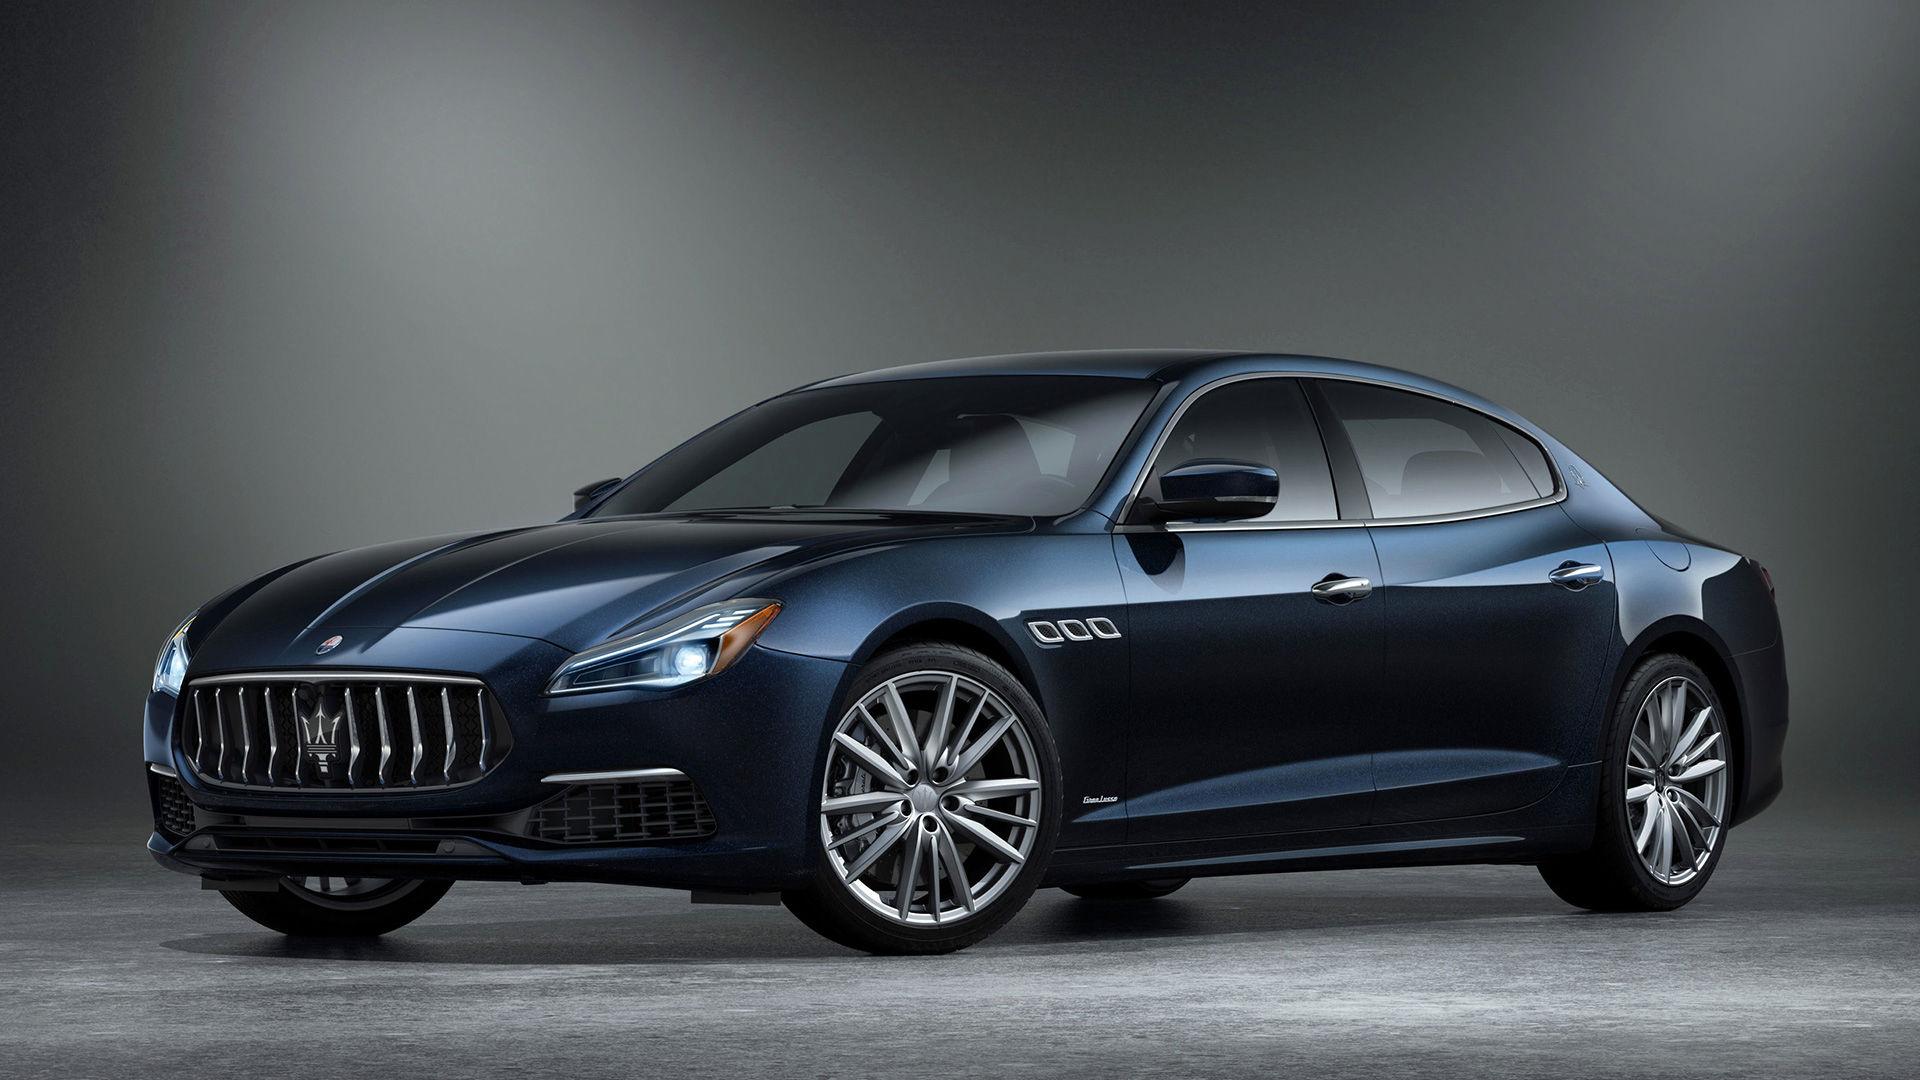 Maserati Quattroporte Edizione Nobile - side view - color Blue Nobile (royal blue)